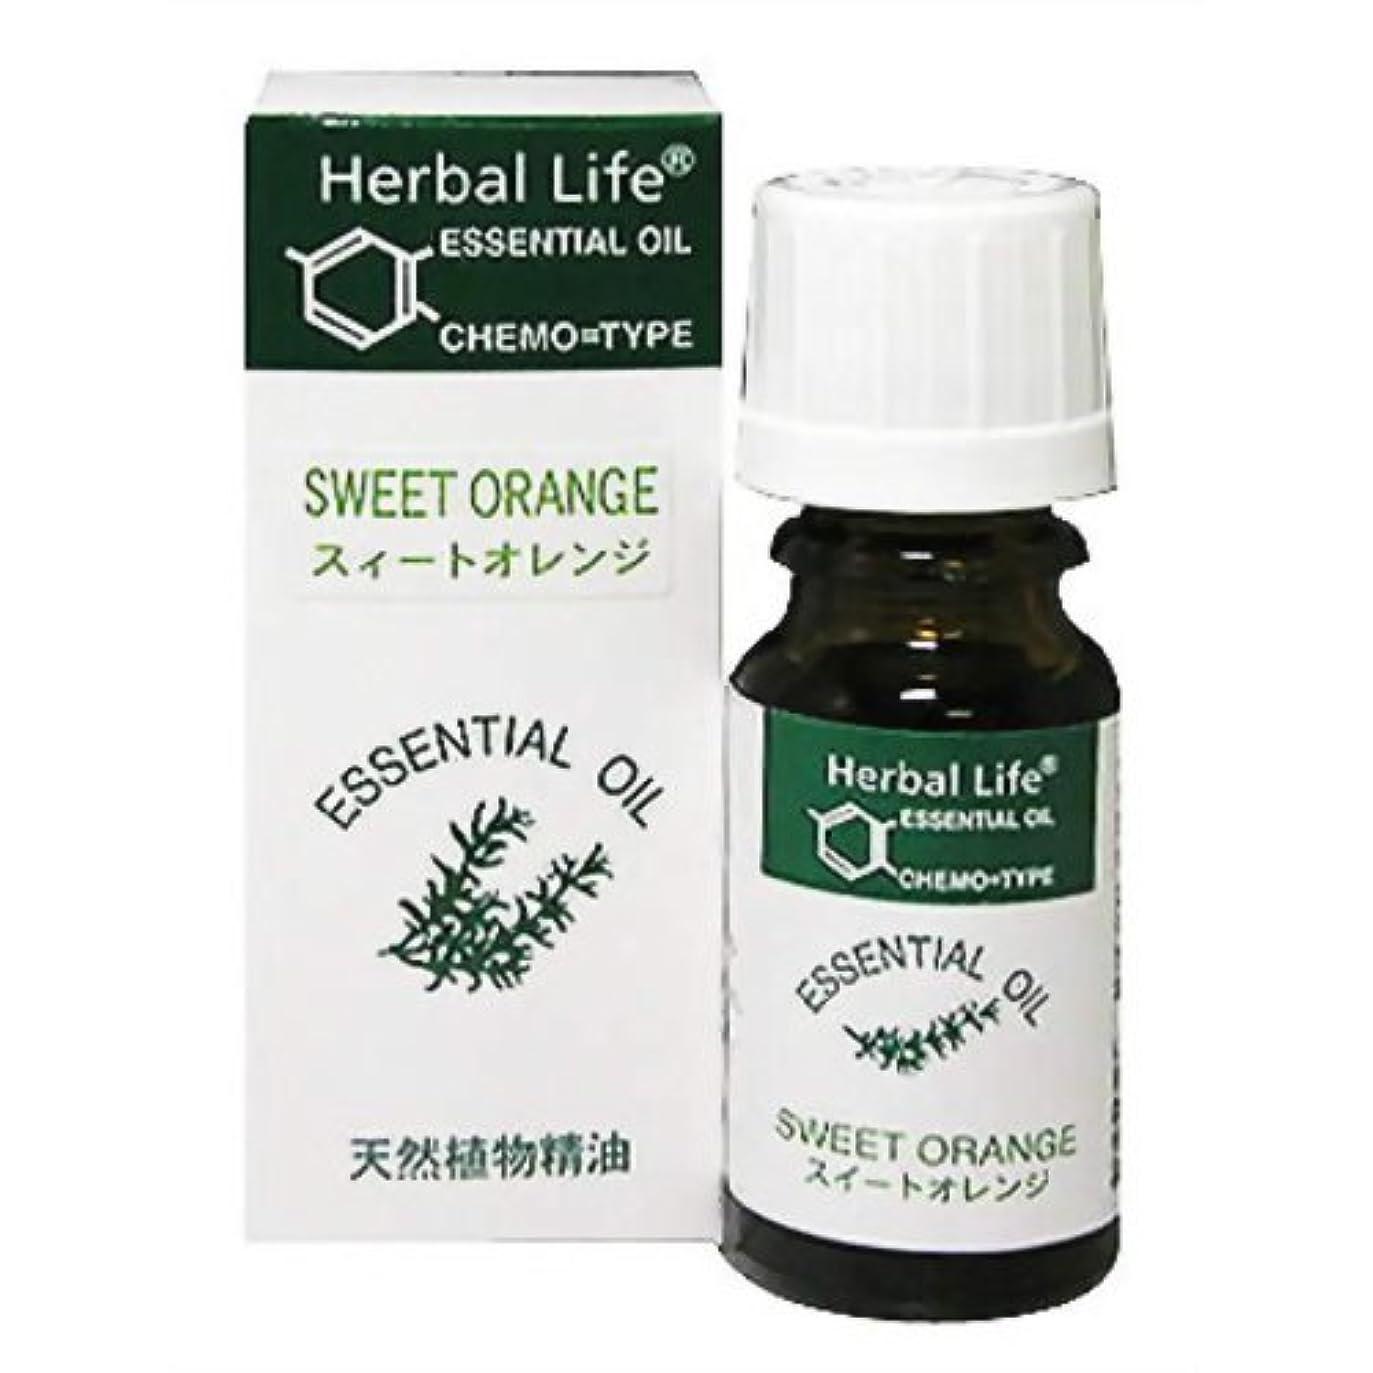 飢えた改善する社会主義者生活の木 Herbal Life スィートオレンジ 10ml